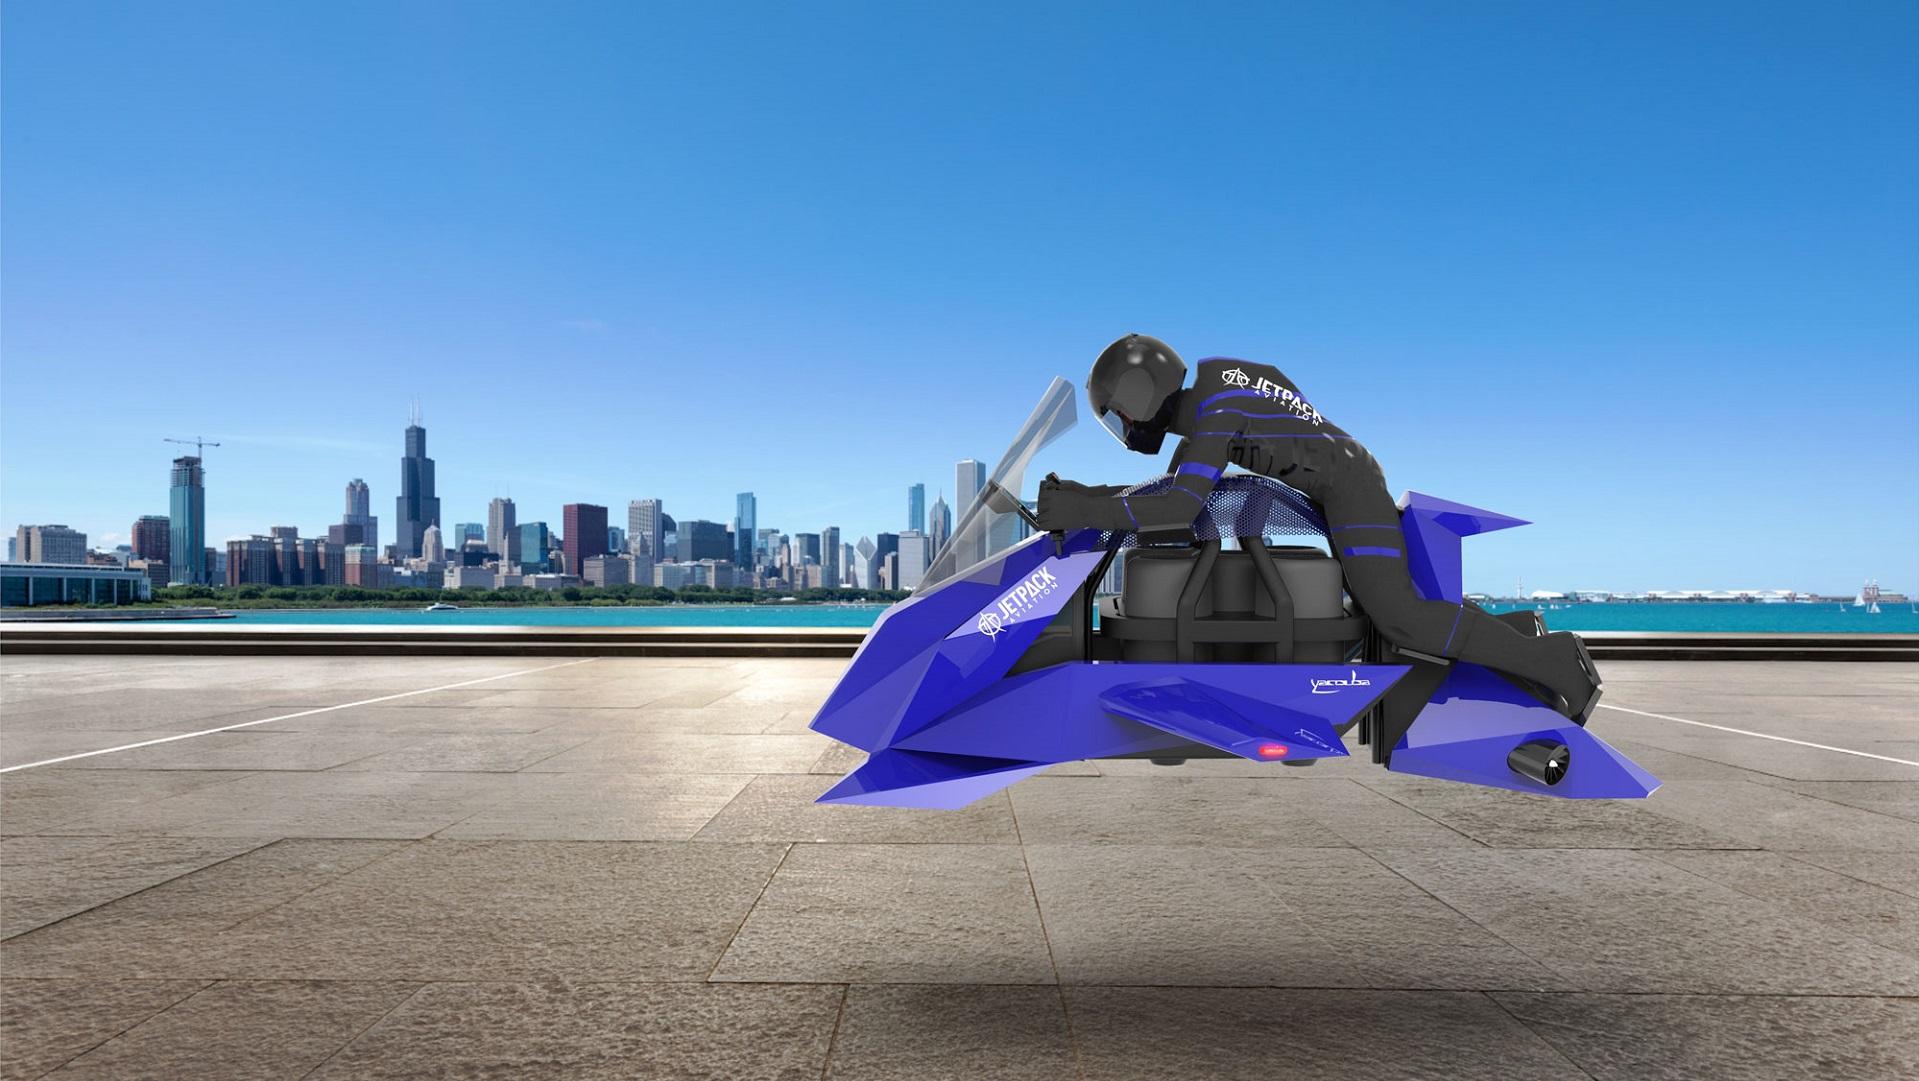 La moto voladora, esa ilusión futurista que podría llegar en 2020